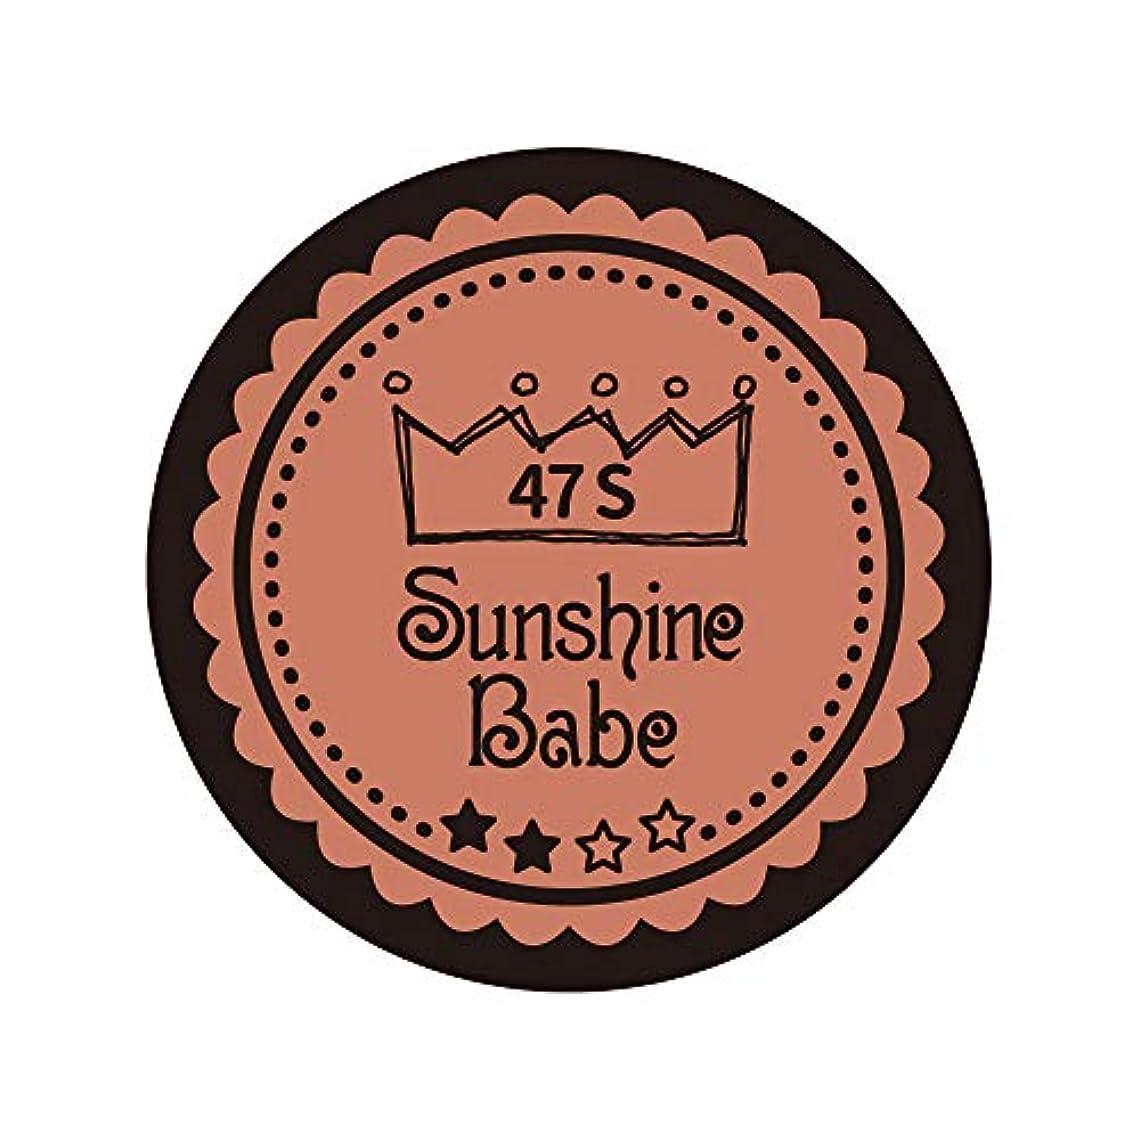 混合した体操コースSunshine Babe カラージェル 47S ピーチブラウン 4g UV/LED対応